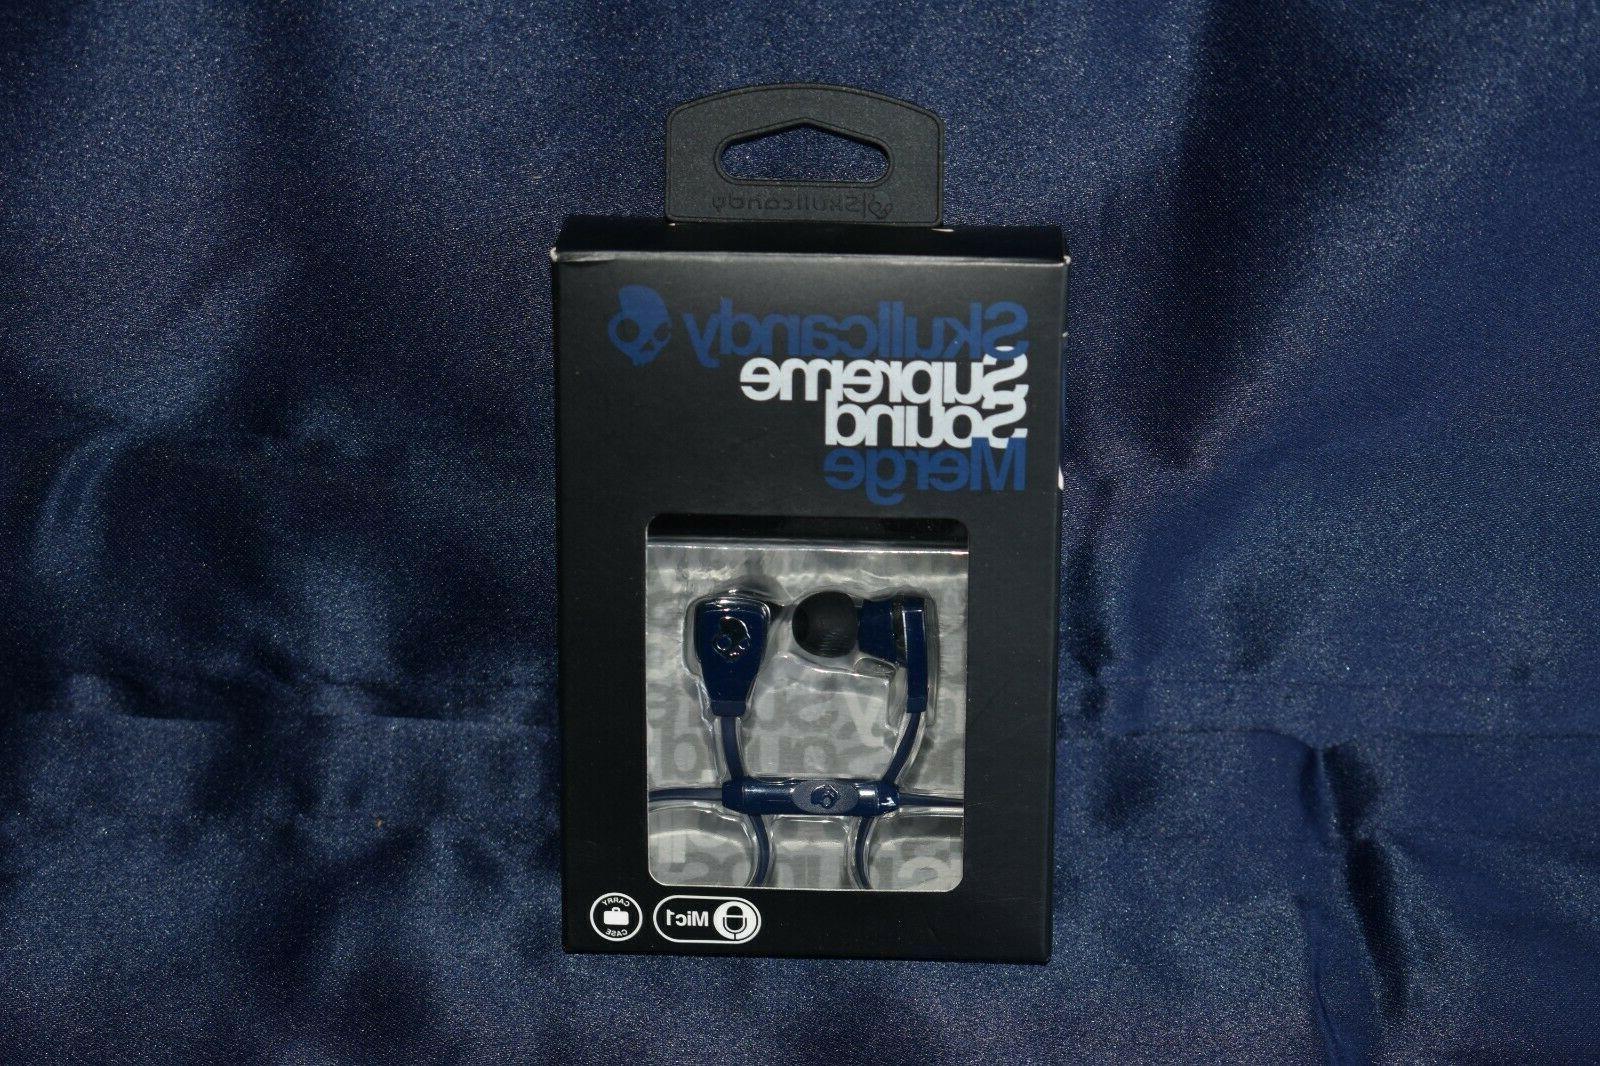 new oem merge black earbud headphones